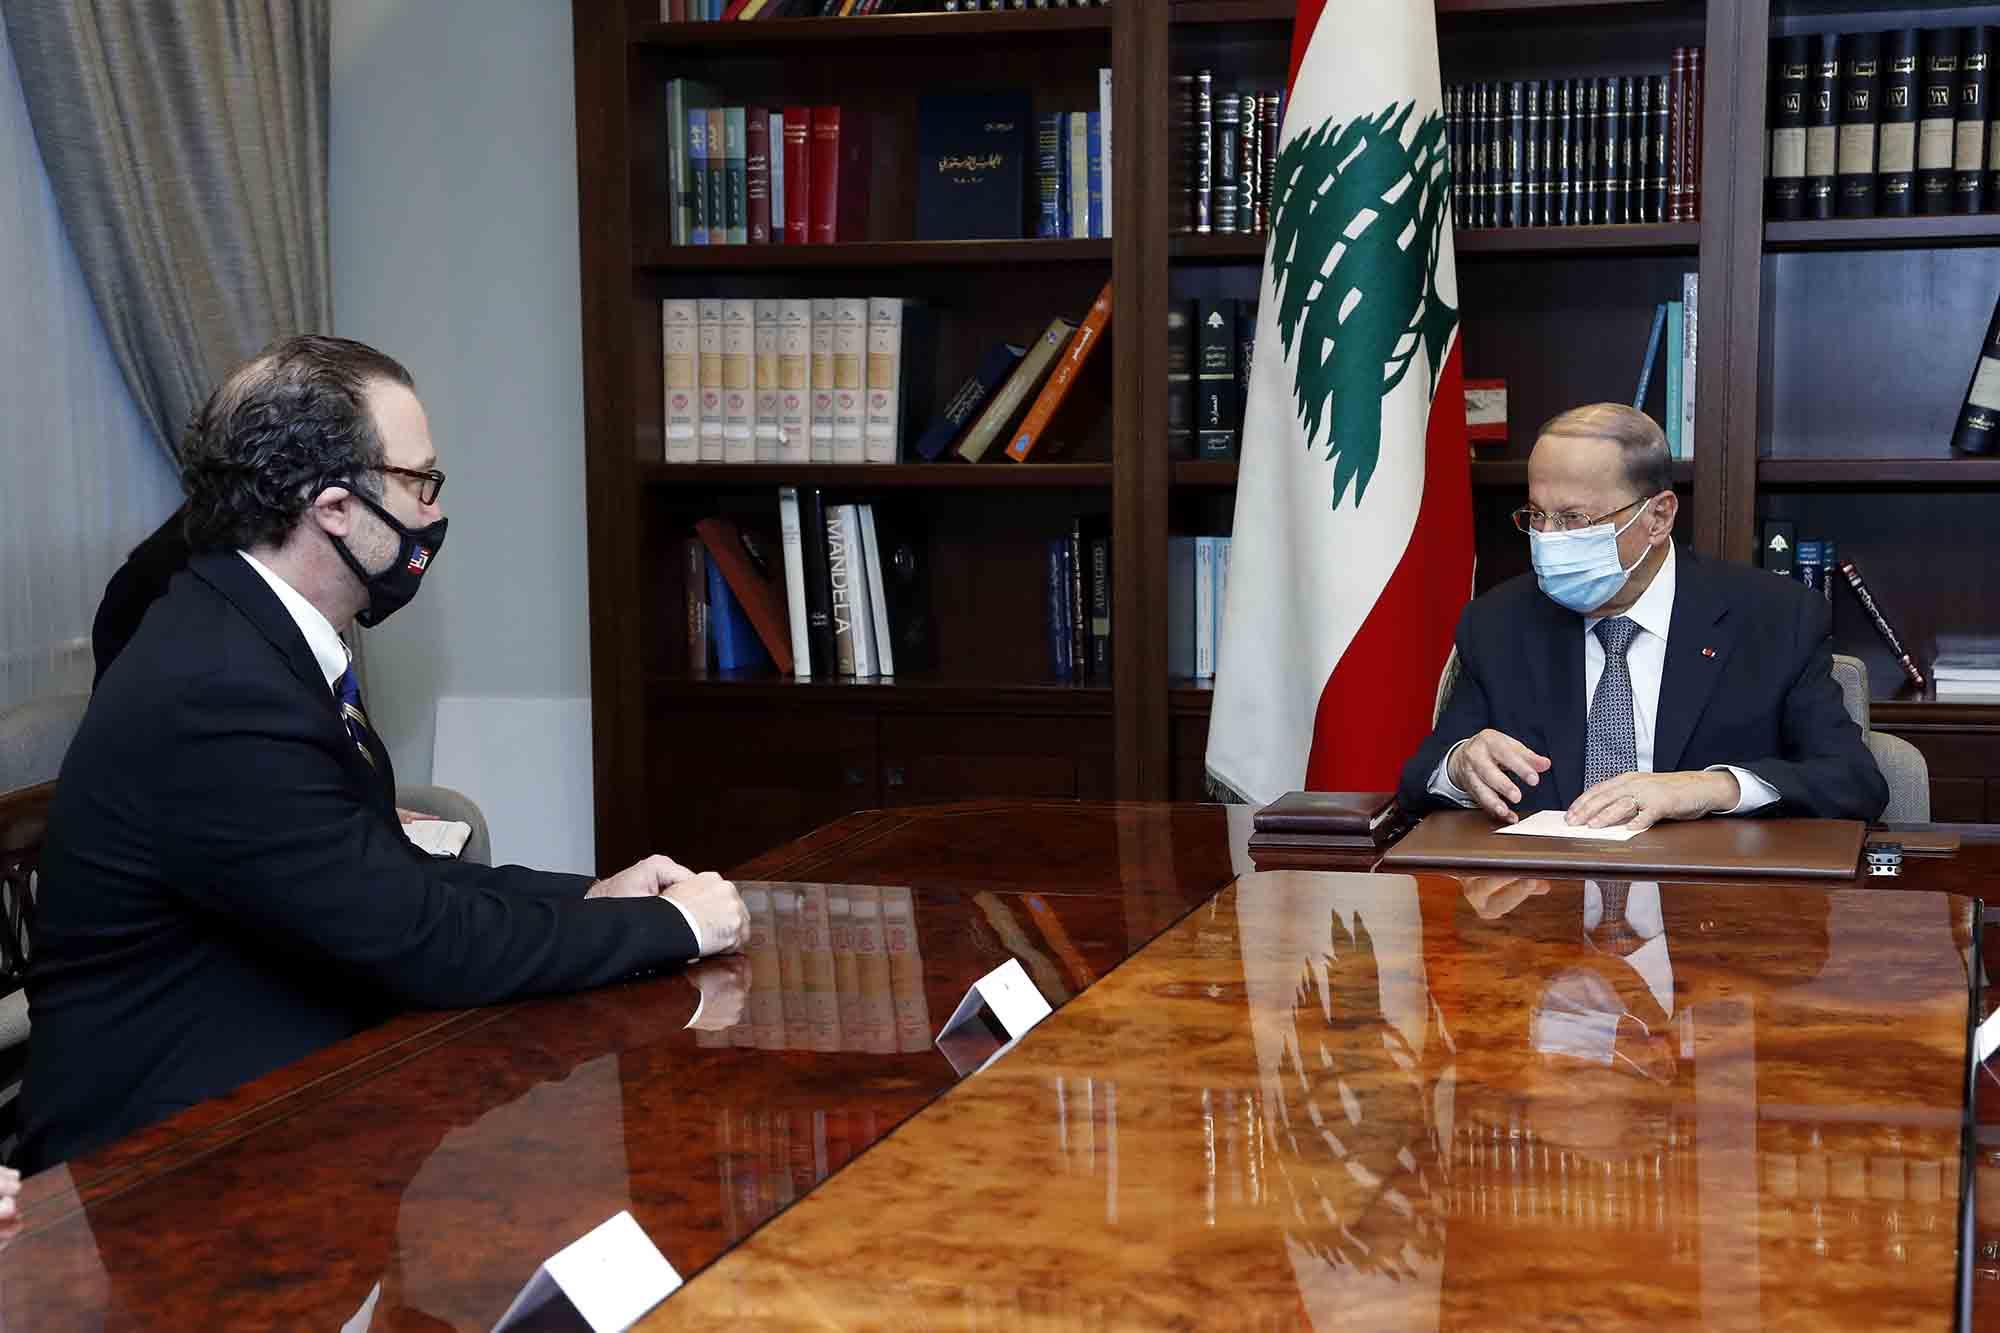 Le médiateur américain David Schenker avec le Président de la République, le général Michel Aoun, vendredi 16 octobre 2020. Crédit Photo: Dalati & Nohra